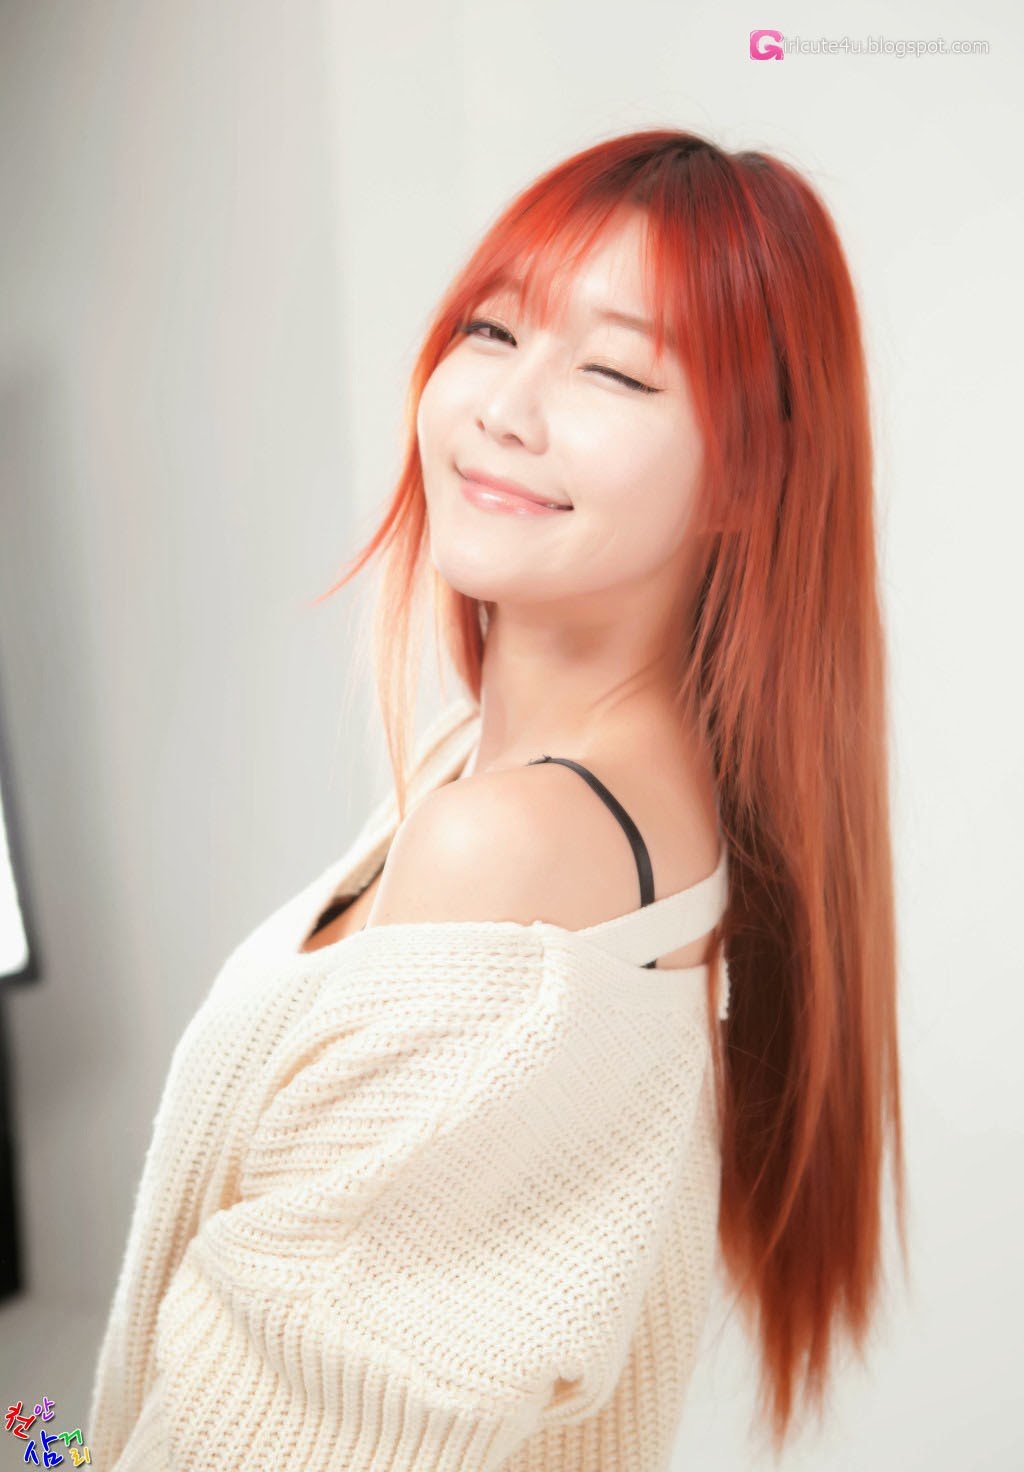 4 Choi Seul Ki - very cute asian girl-girlcute4u.blogspot.com